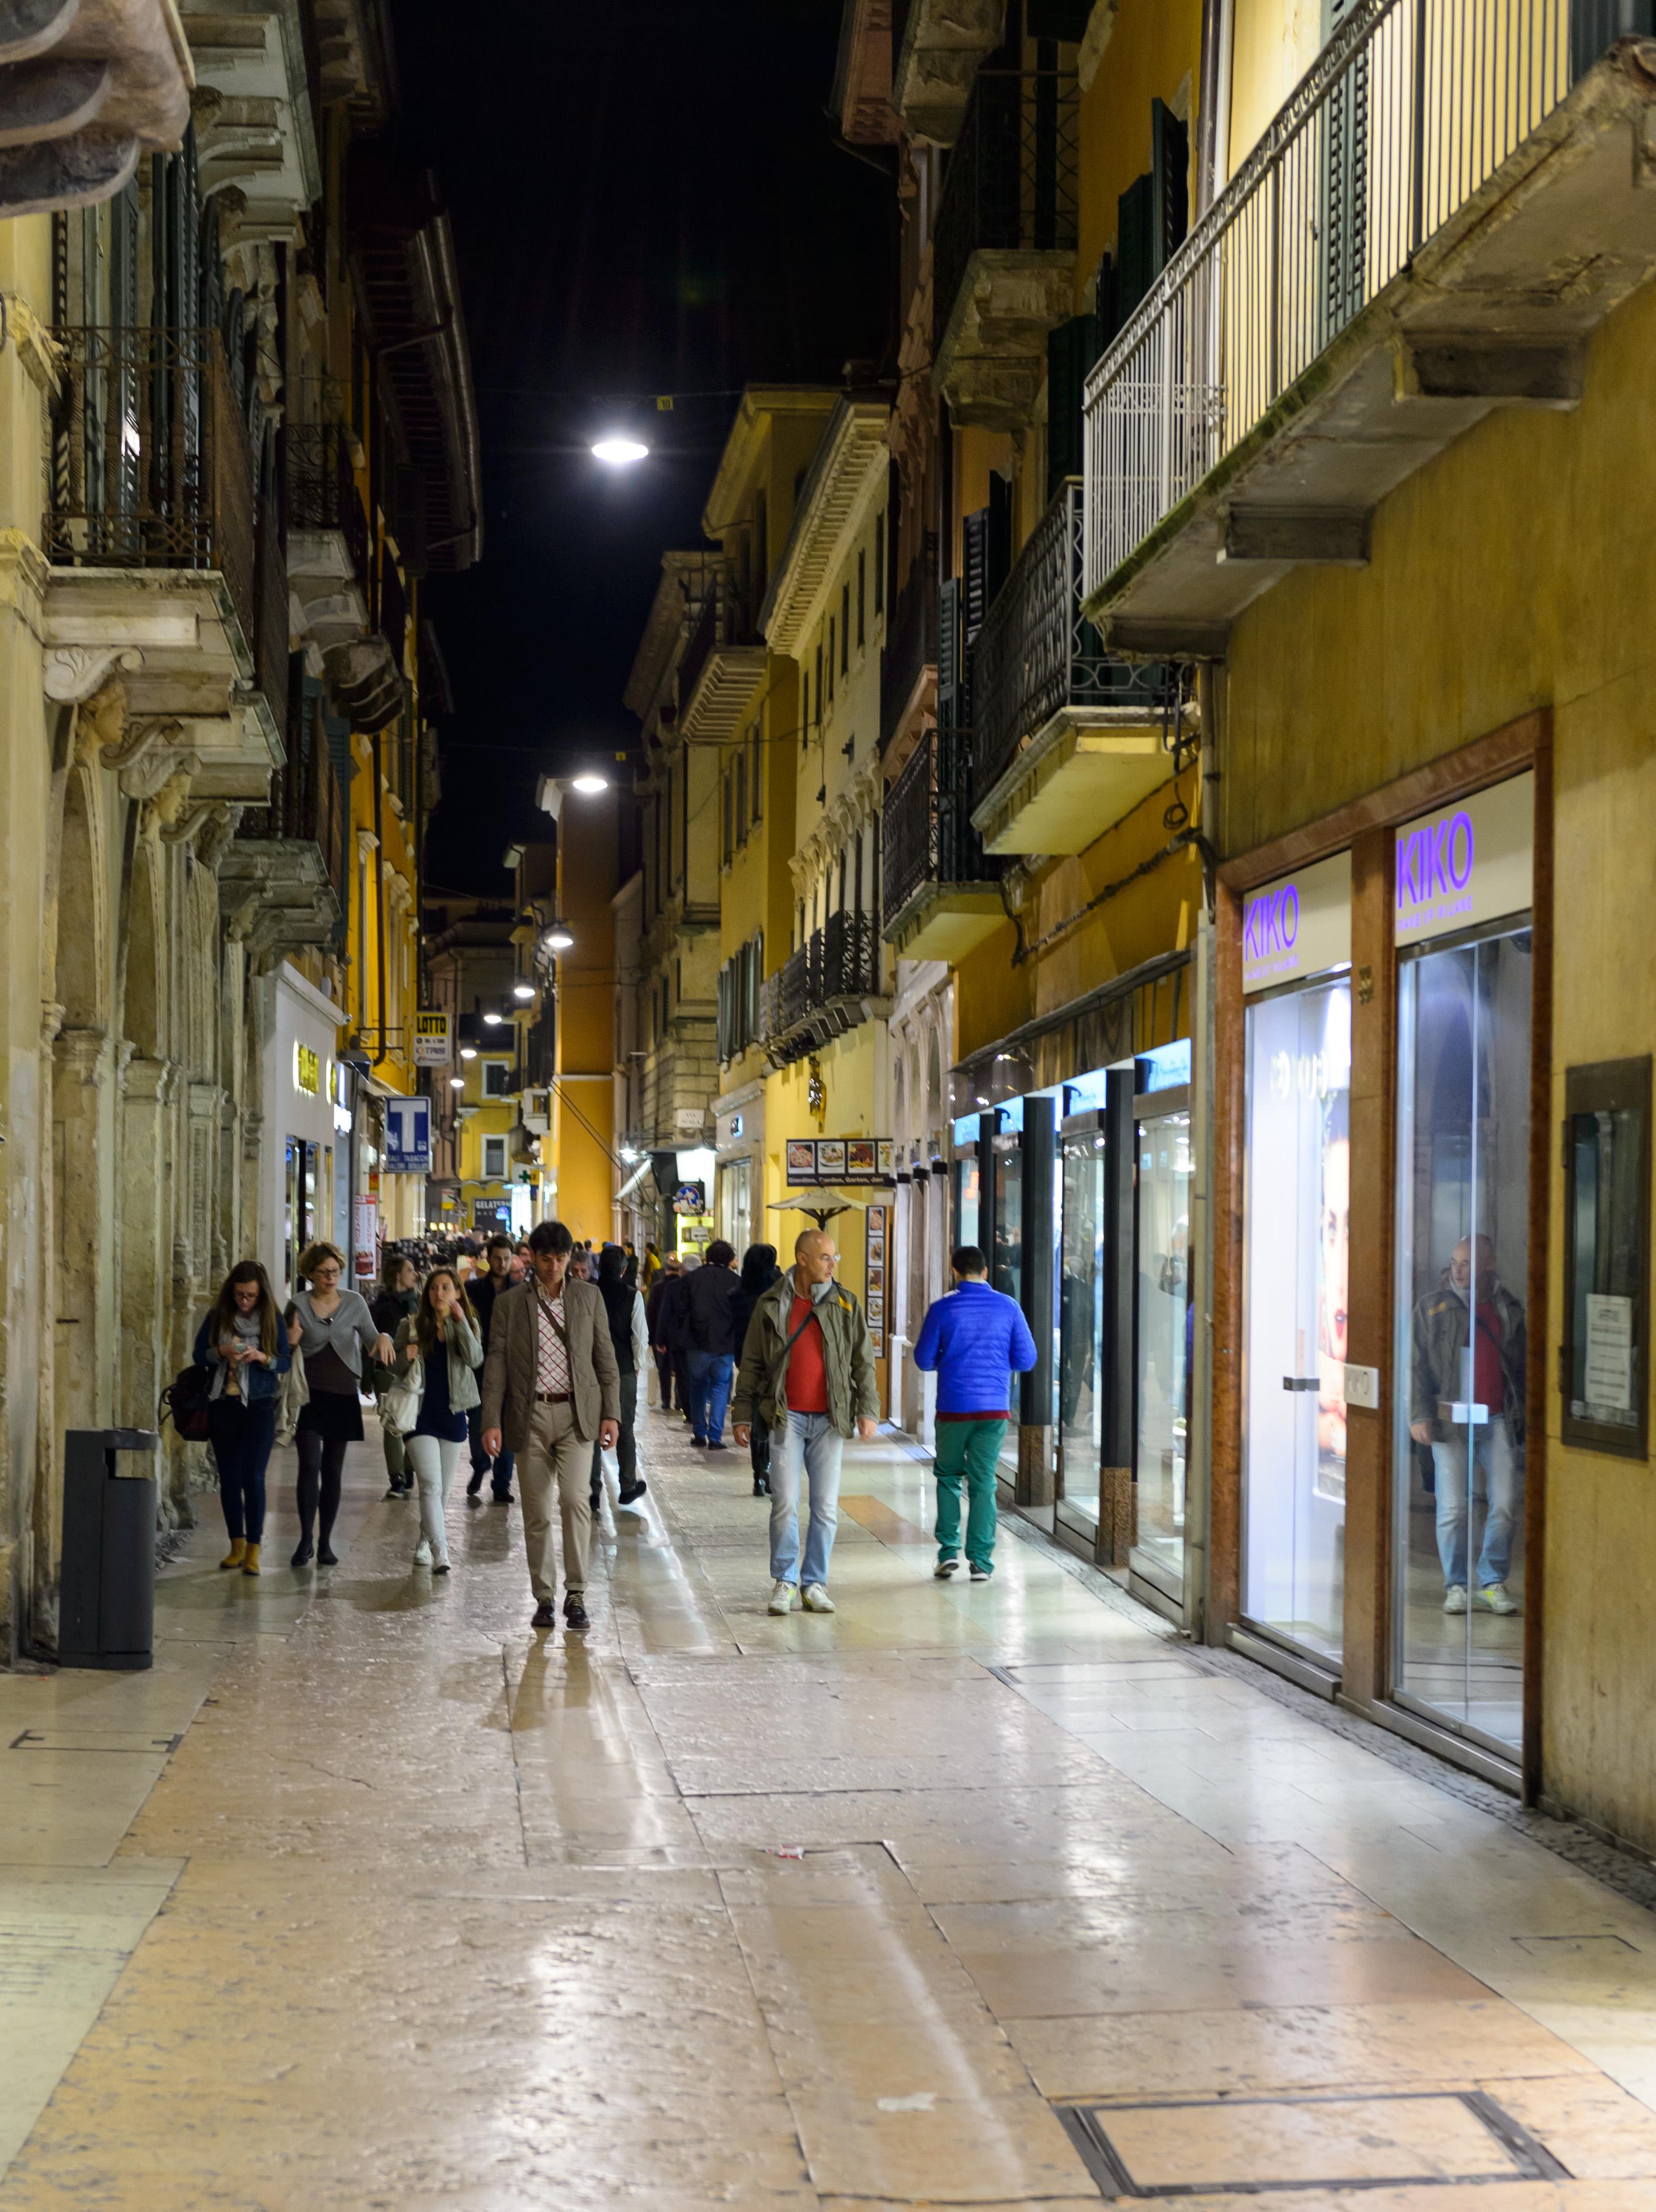 1b90b6dfc13acf voetganger weg straat nacht stad vervoer- Italië nikon het winkelen  openbaar vervoer infrastructuur italia verona